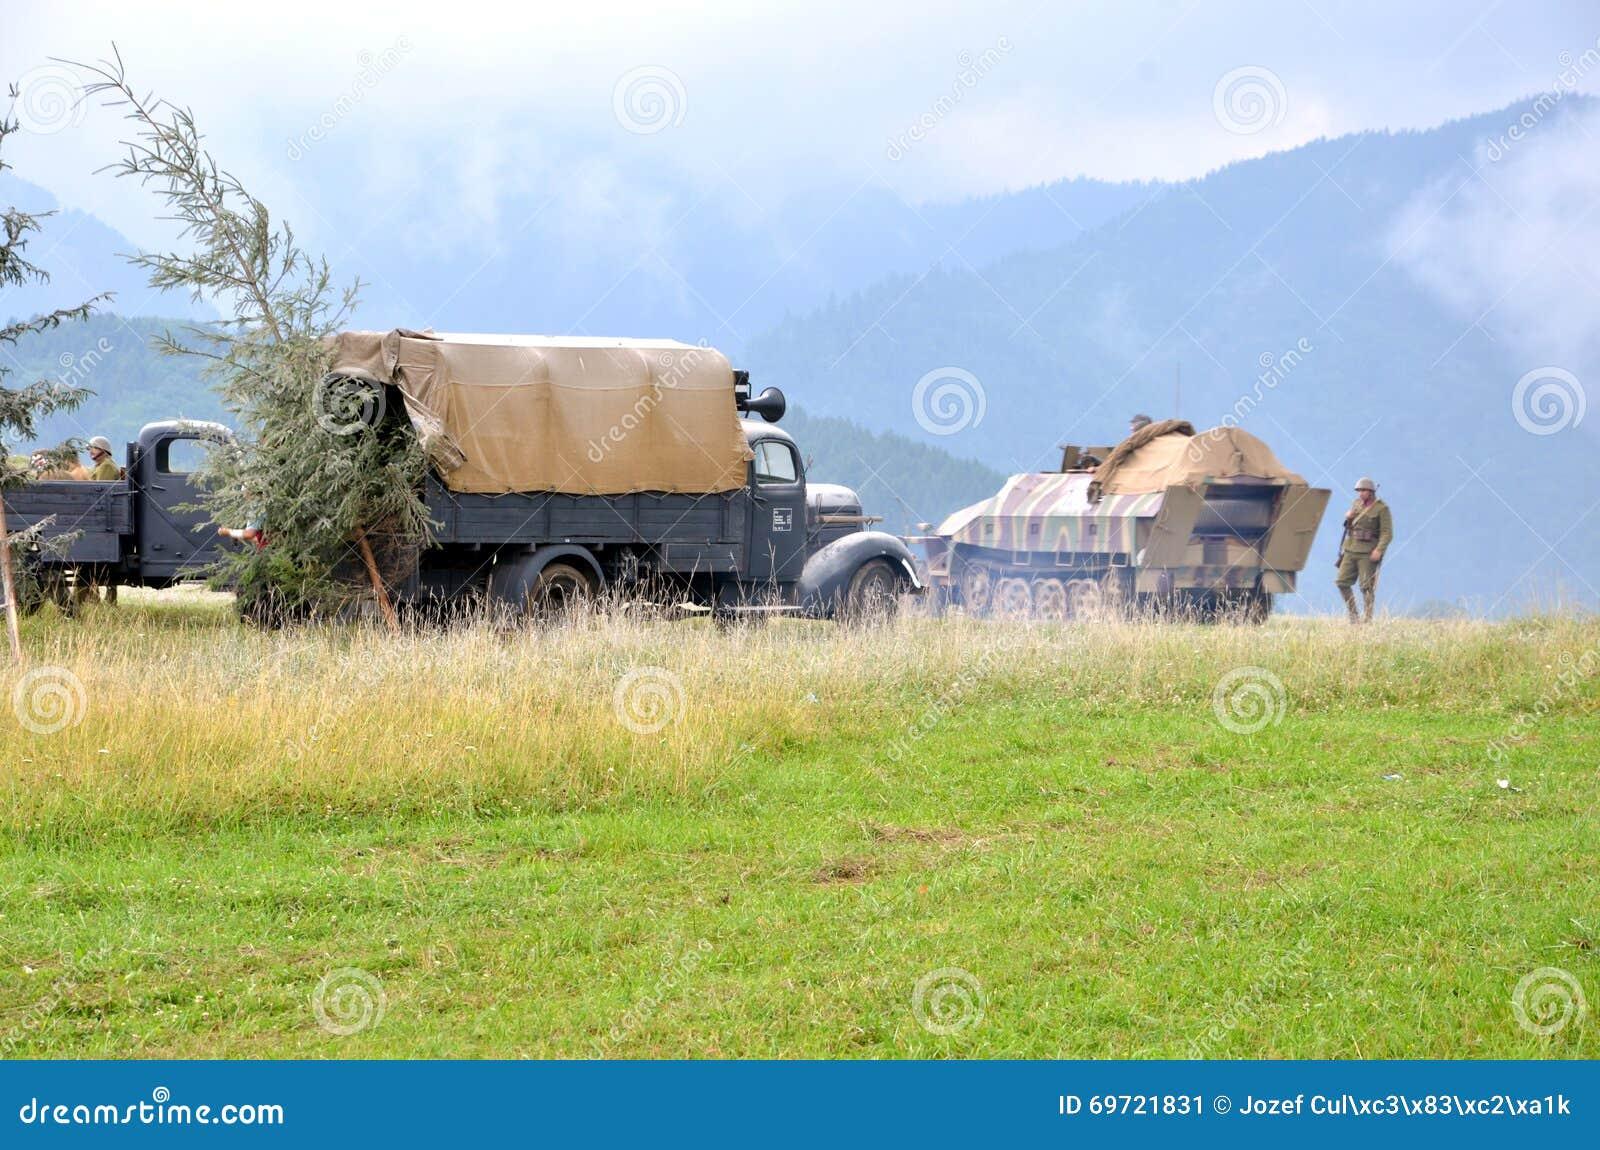 Het historische weer invoeren van Wereldoorlog 2 slag - het gepantserde vervoervoertuig en de militairen kleedden zich in Duitse